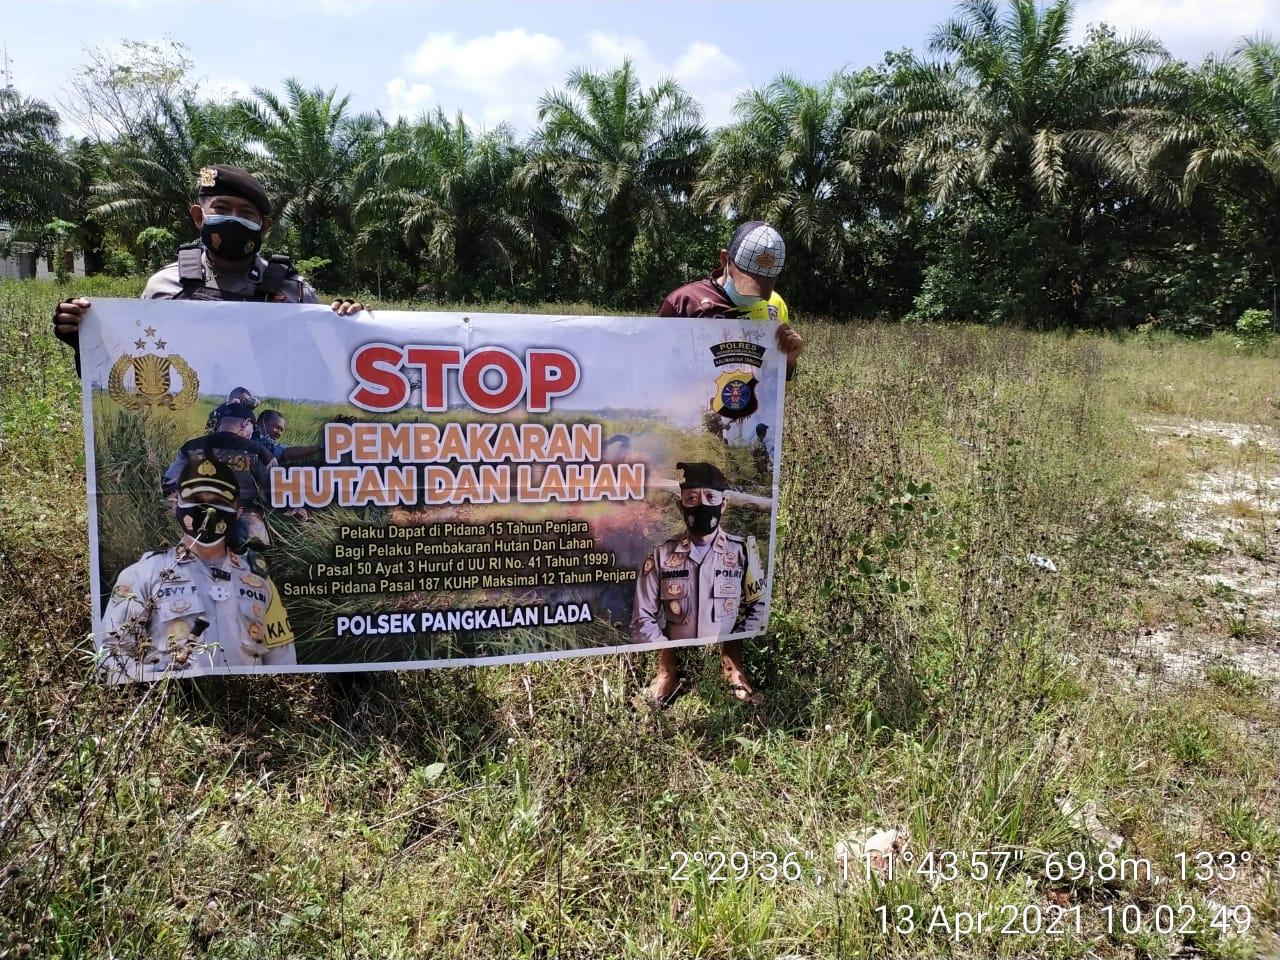 Anggota Polsek Pangkalan Lada gencar Laksanakan Kegiatan Patroli Karhutla